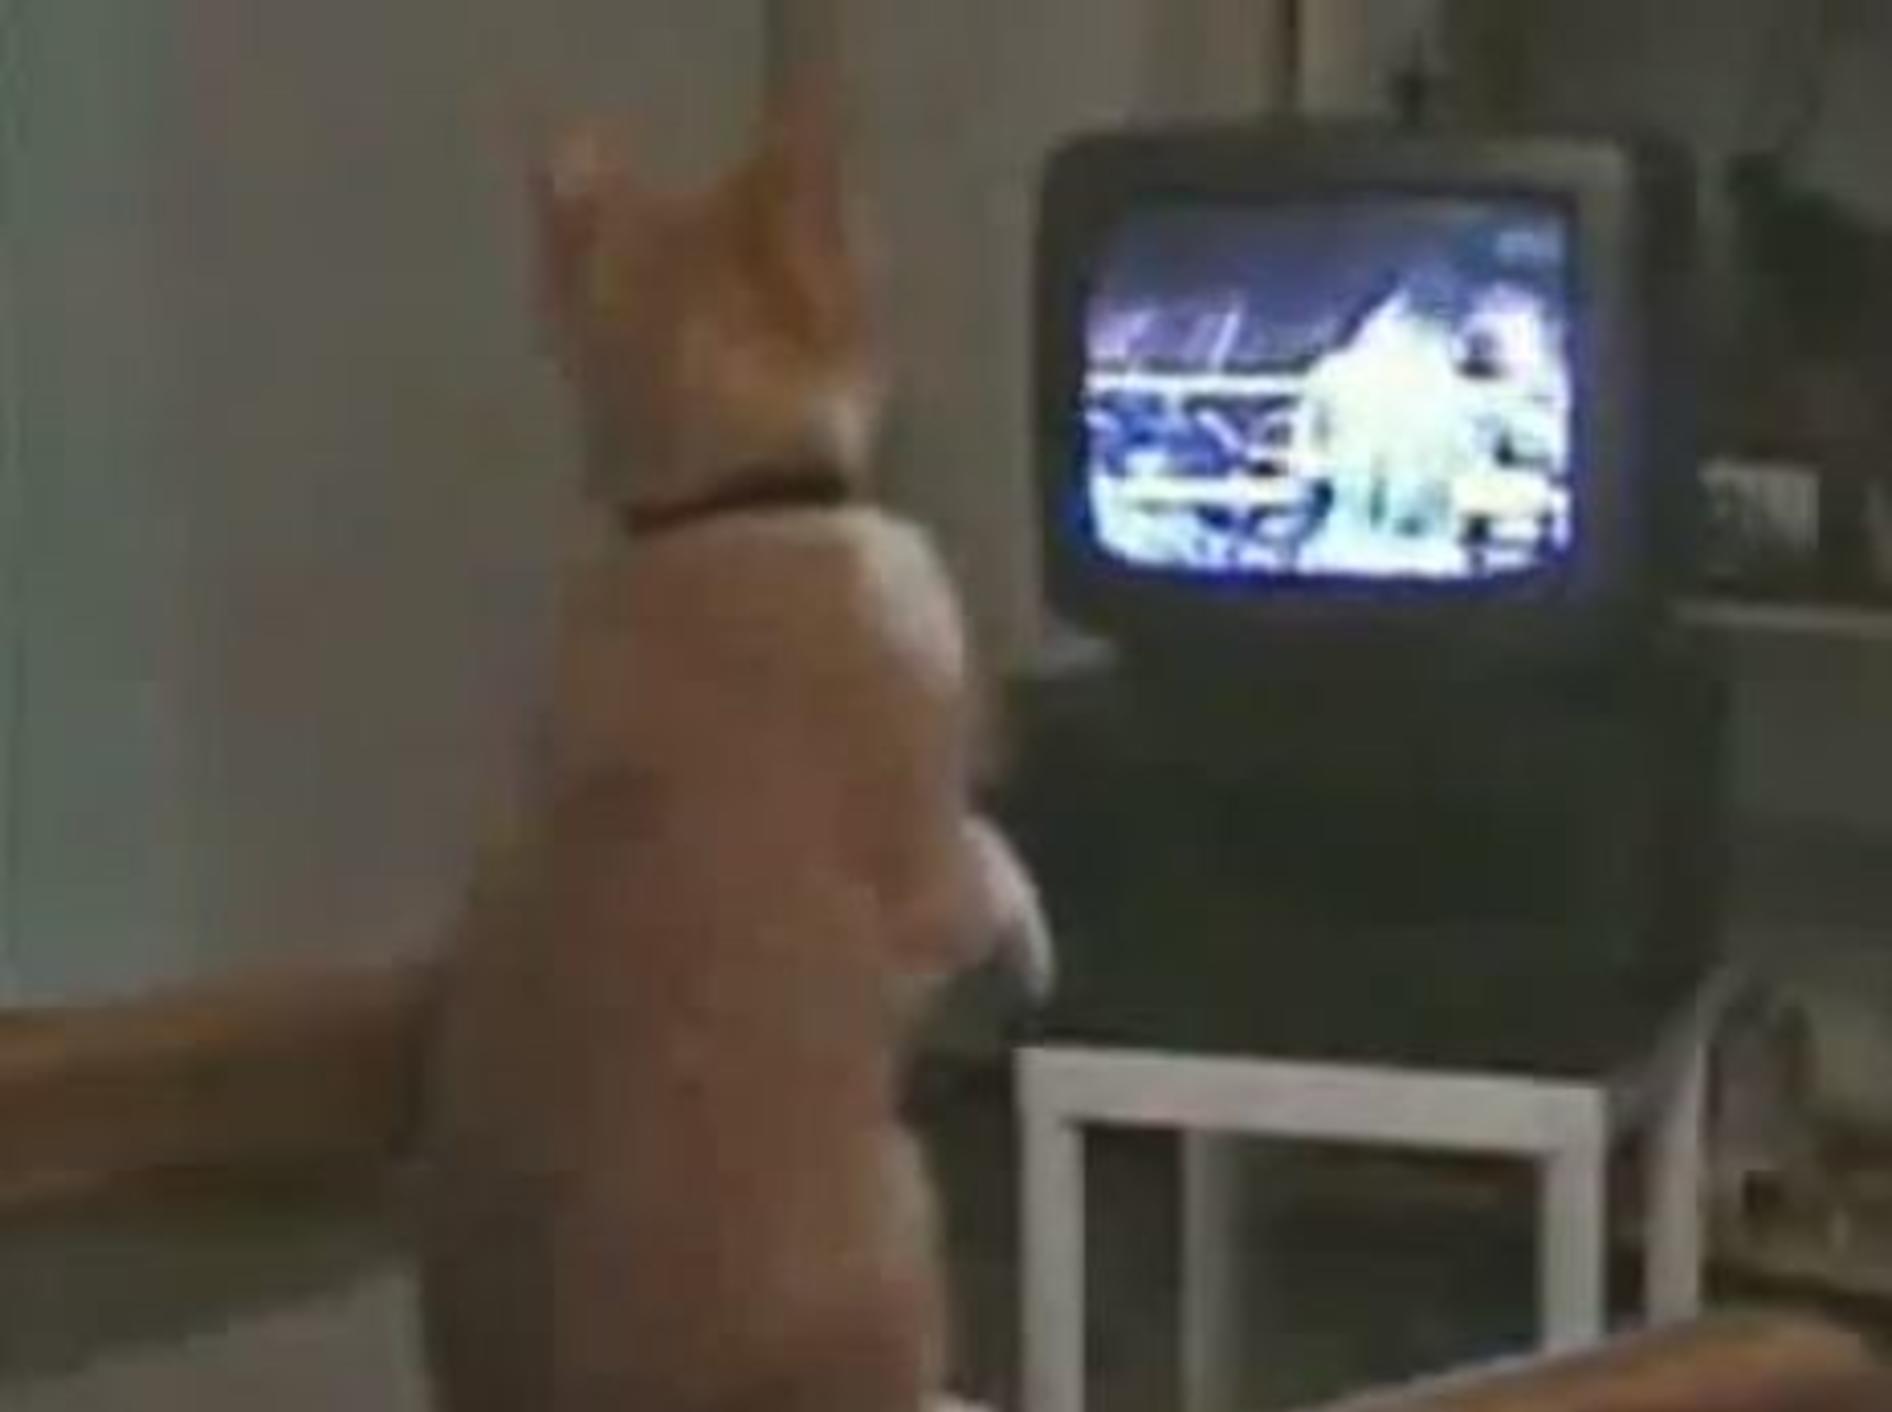 Boxprofi von Morgen: Katze trainiert vor dem Fernseher -Bild: Youtube / Jazvochka